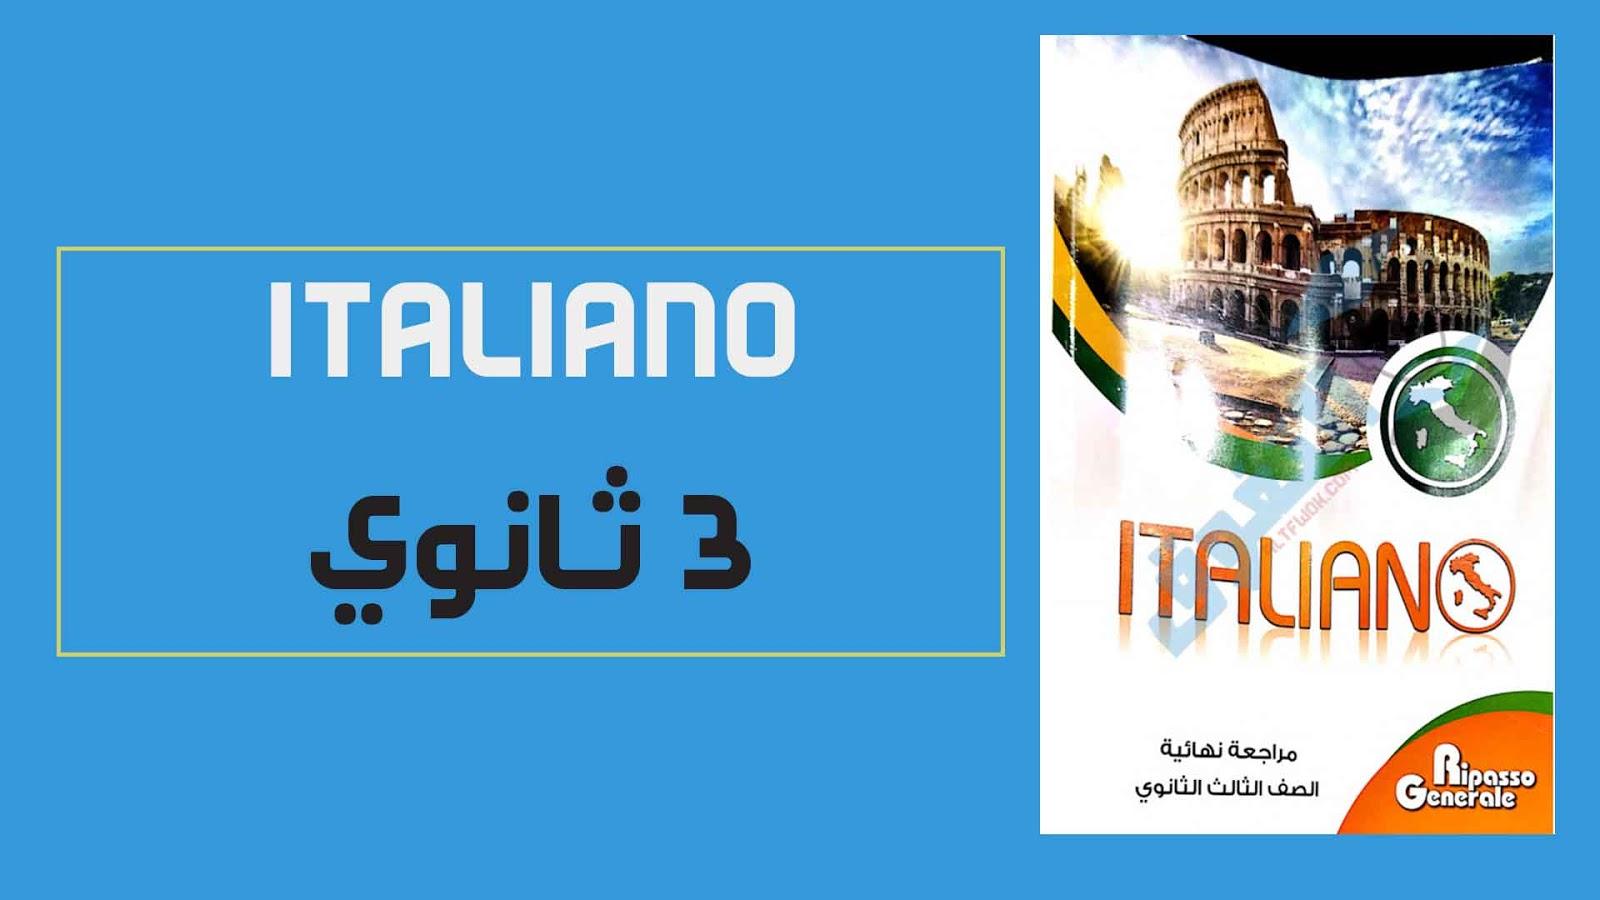 تحميل كتاب ايطاليانو المراجعة النهائية للصف الثالث الثانوى نظام حديث 2021 pdf